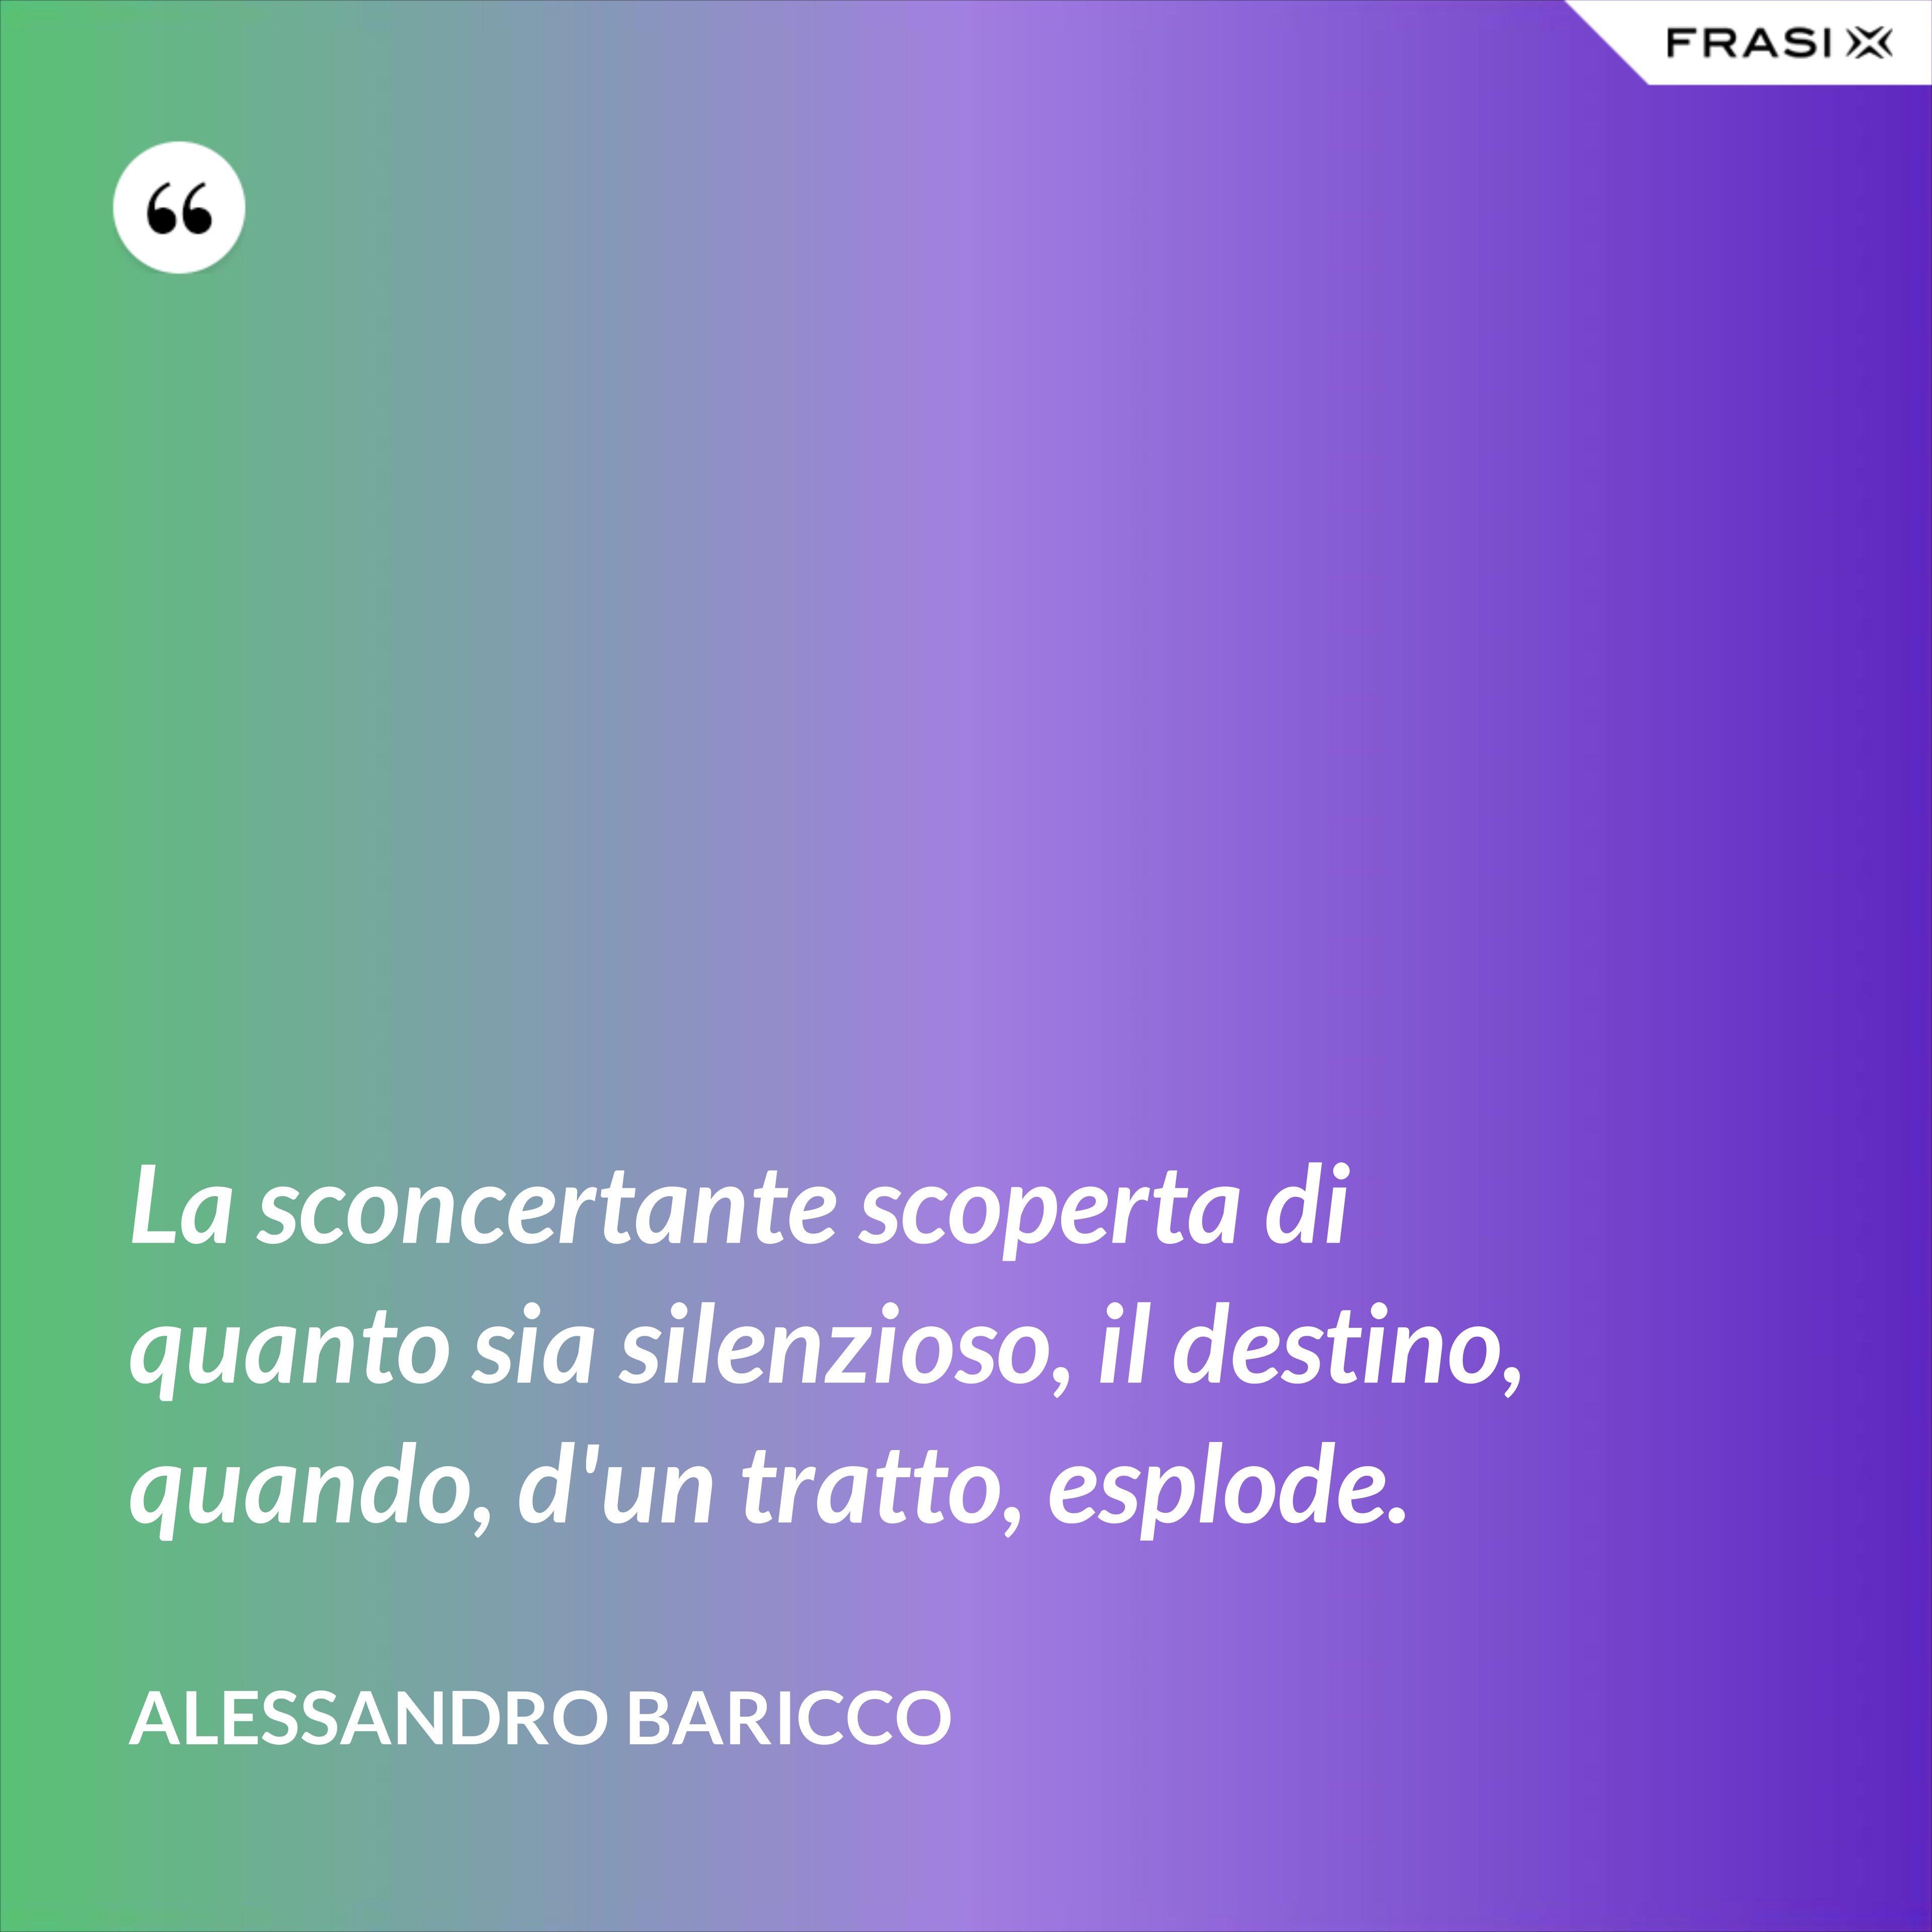 La sconcertante scoperta di quanto sia silenzioso, il destino, quando, d'un tratto, esplode. - Alessandro Baricco